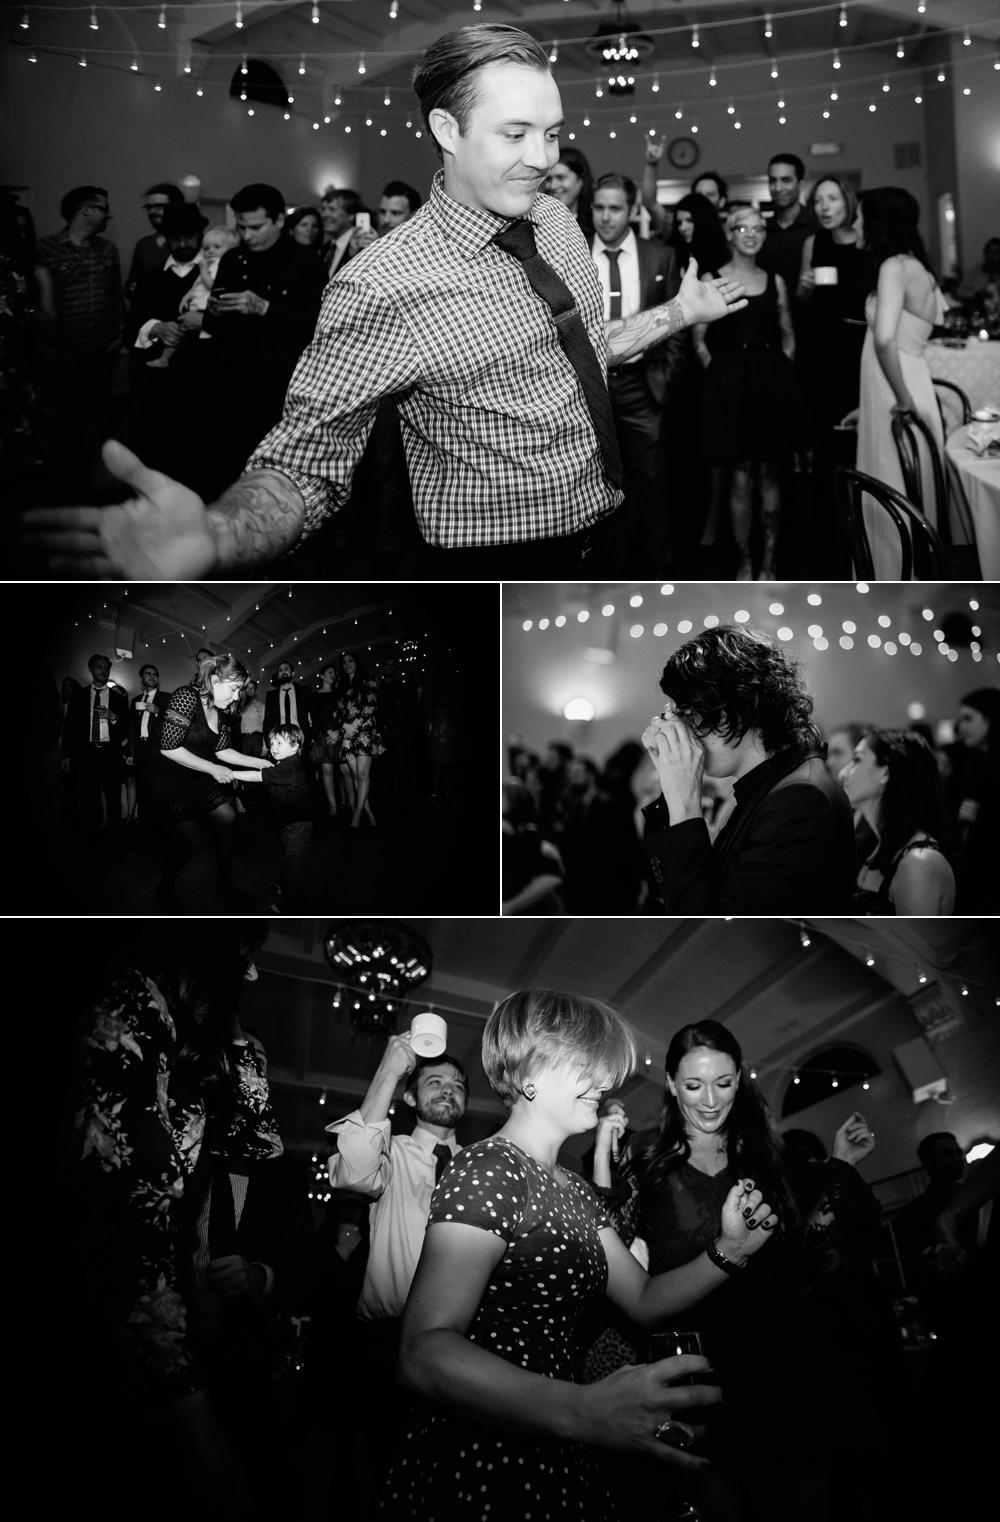 the_thursday_club_wedding_photography028.jpg